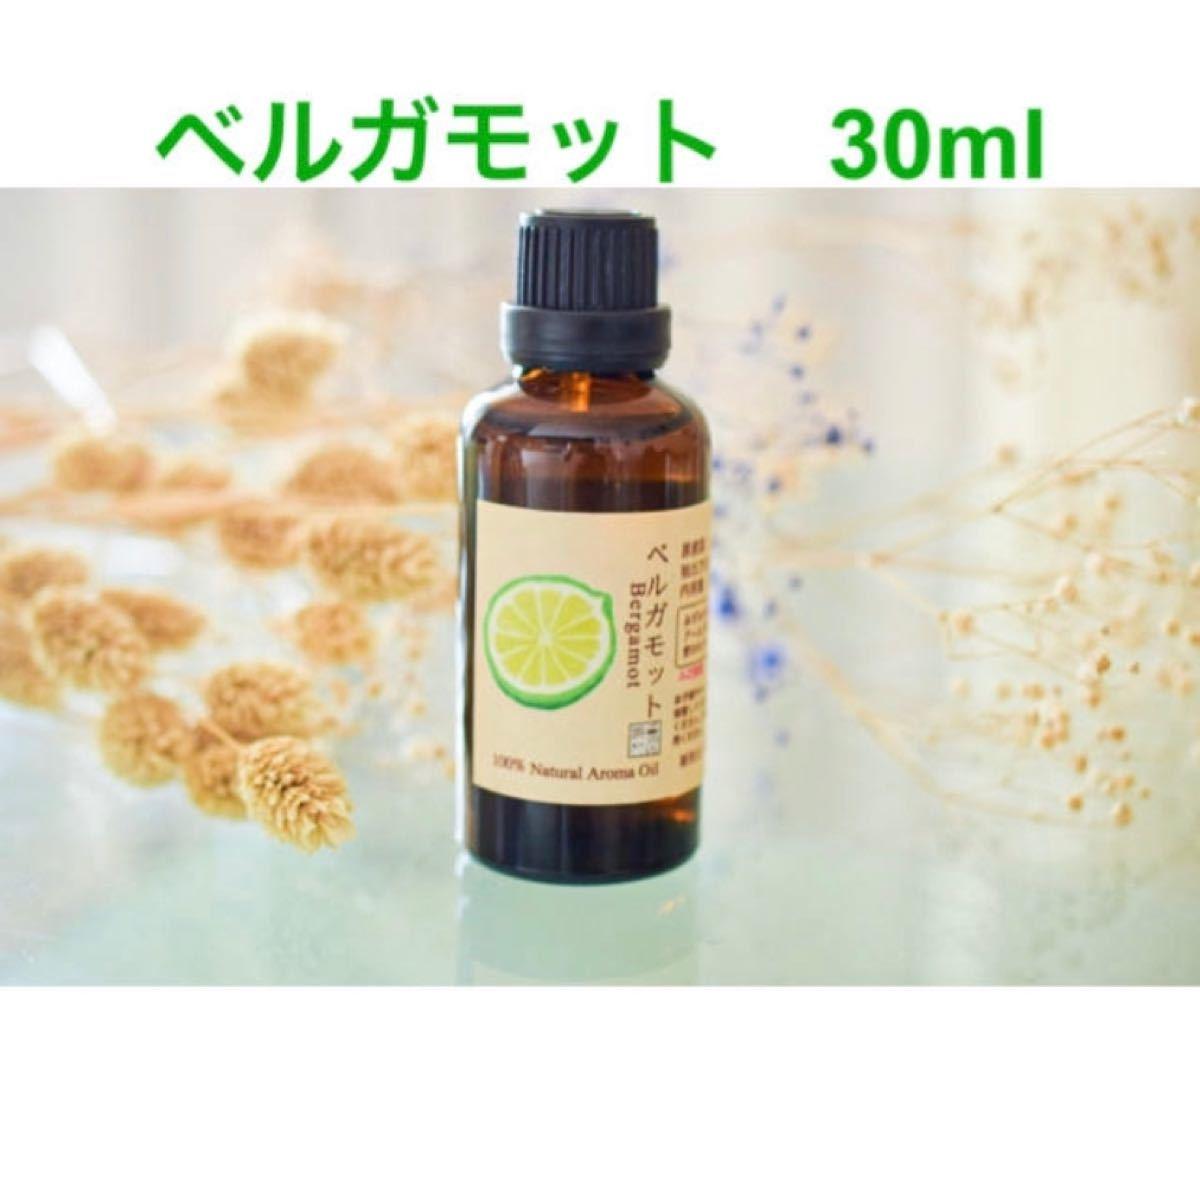 ベルガモット 30ml → アロマ用精油 エッセンシャルオイル